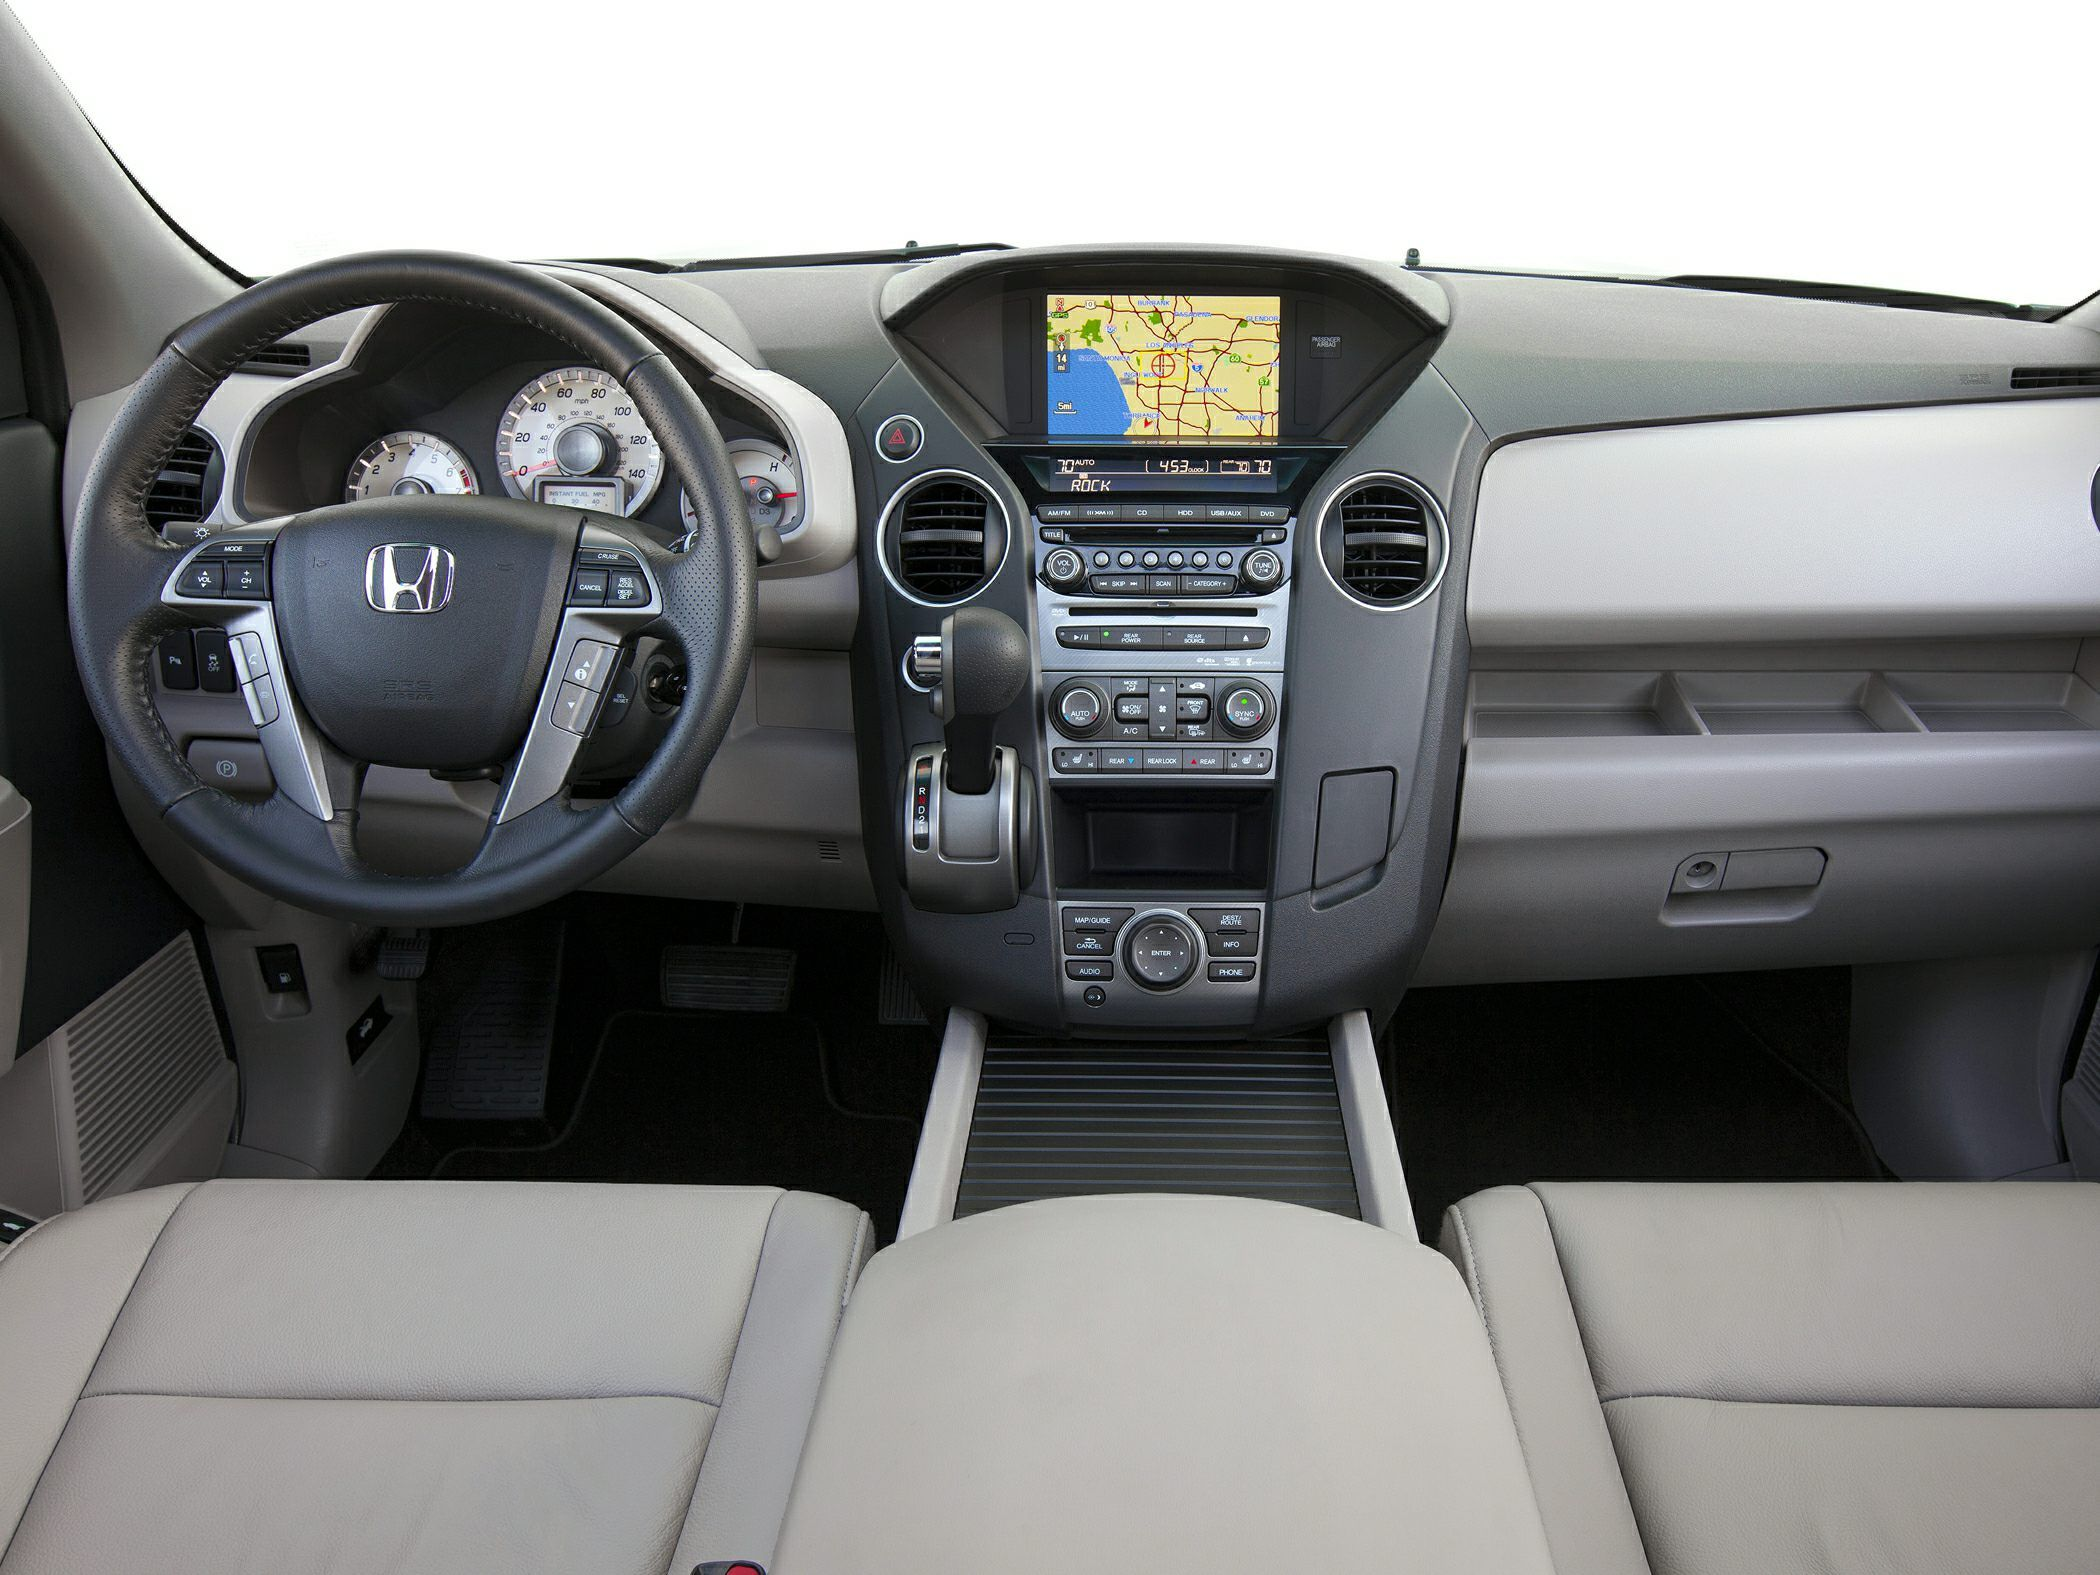 2015 Honda Pilot Interior Awesome Ideas